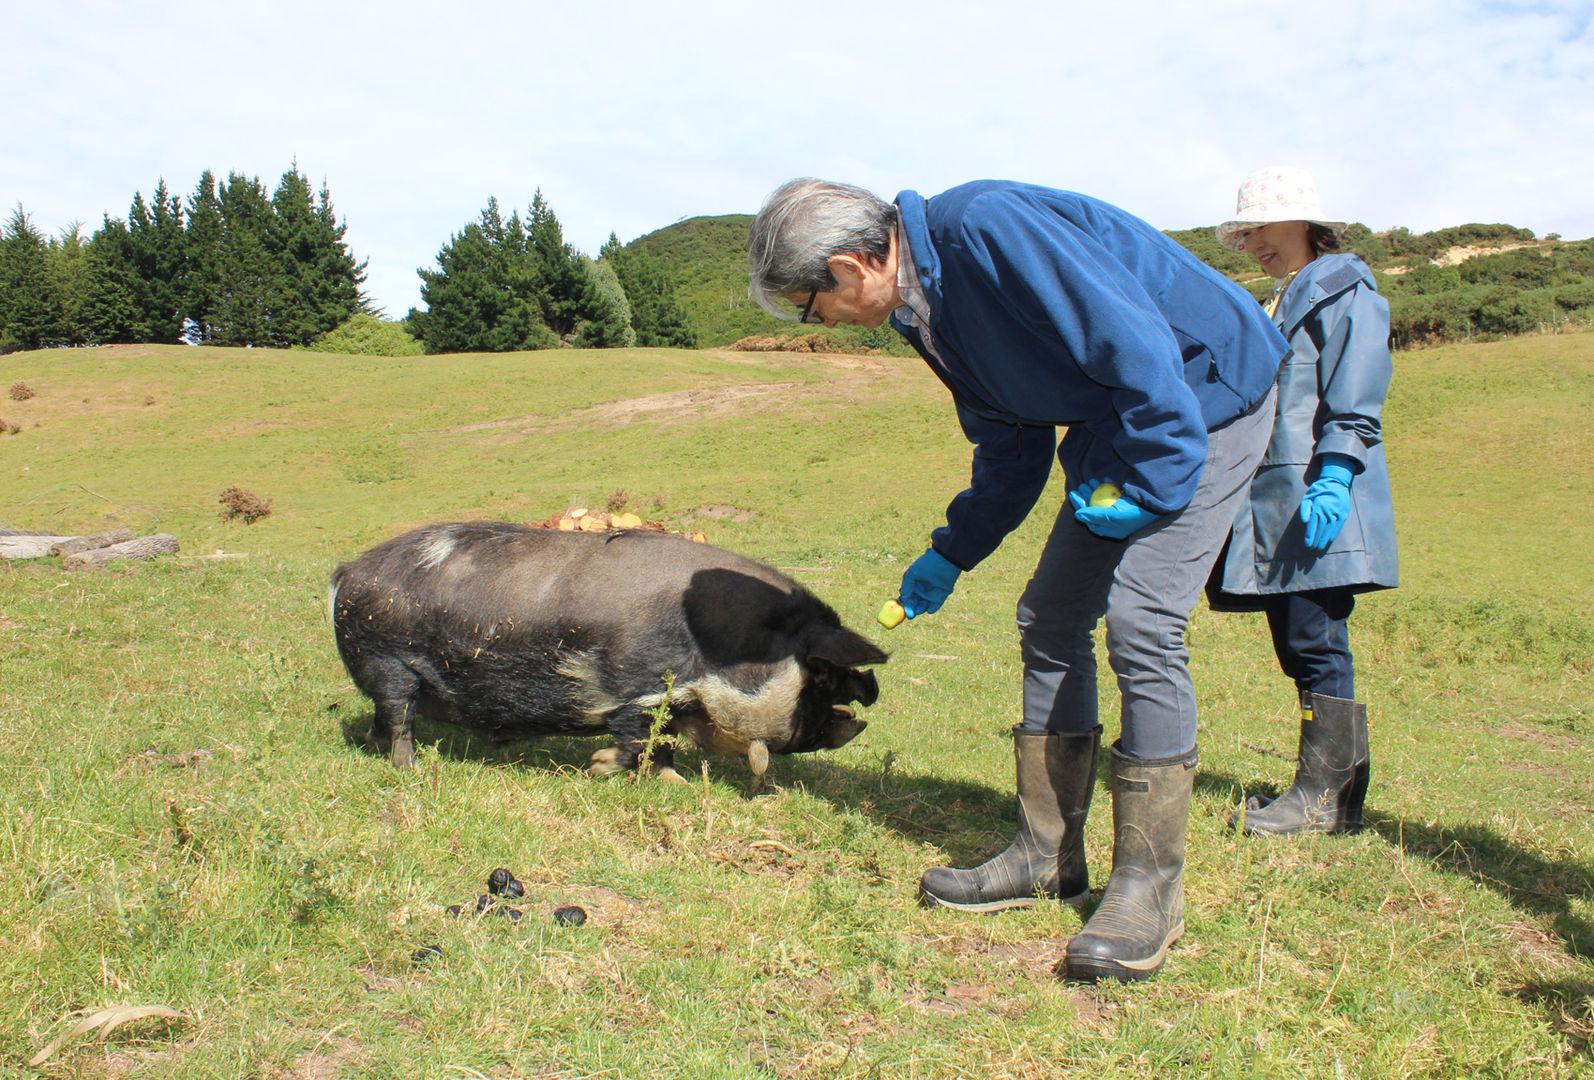 franza-farm-tour-animals-pigs.jpg